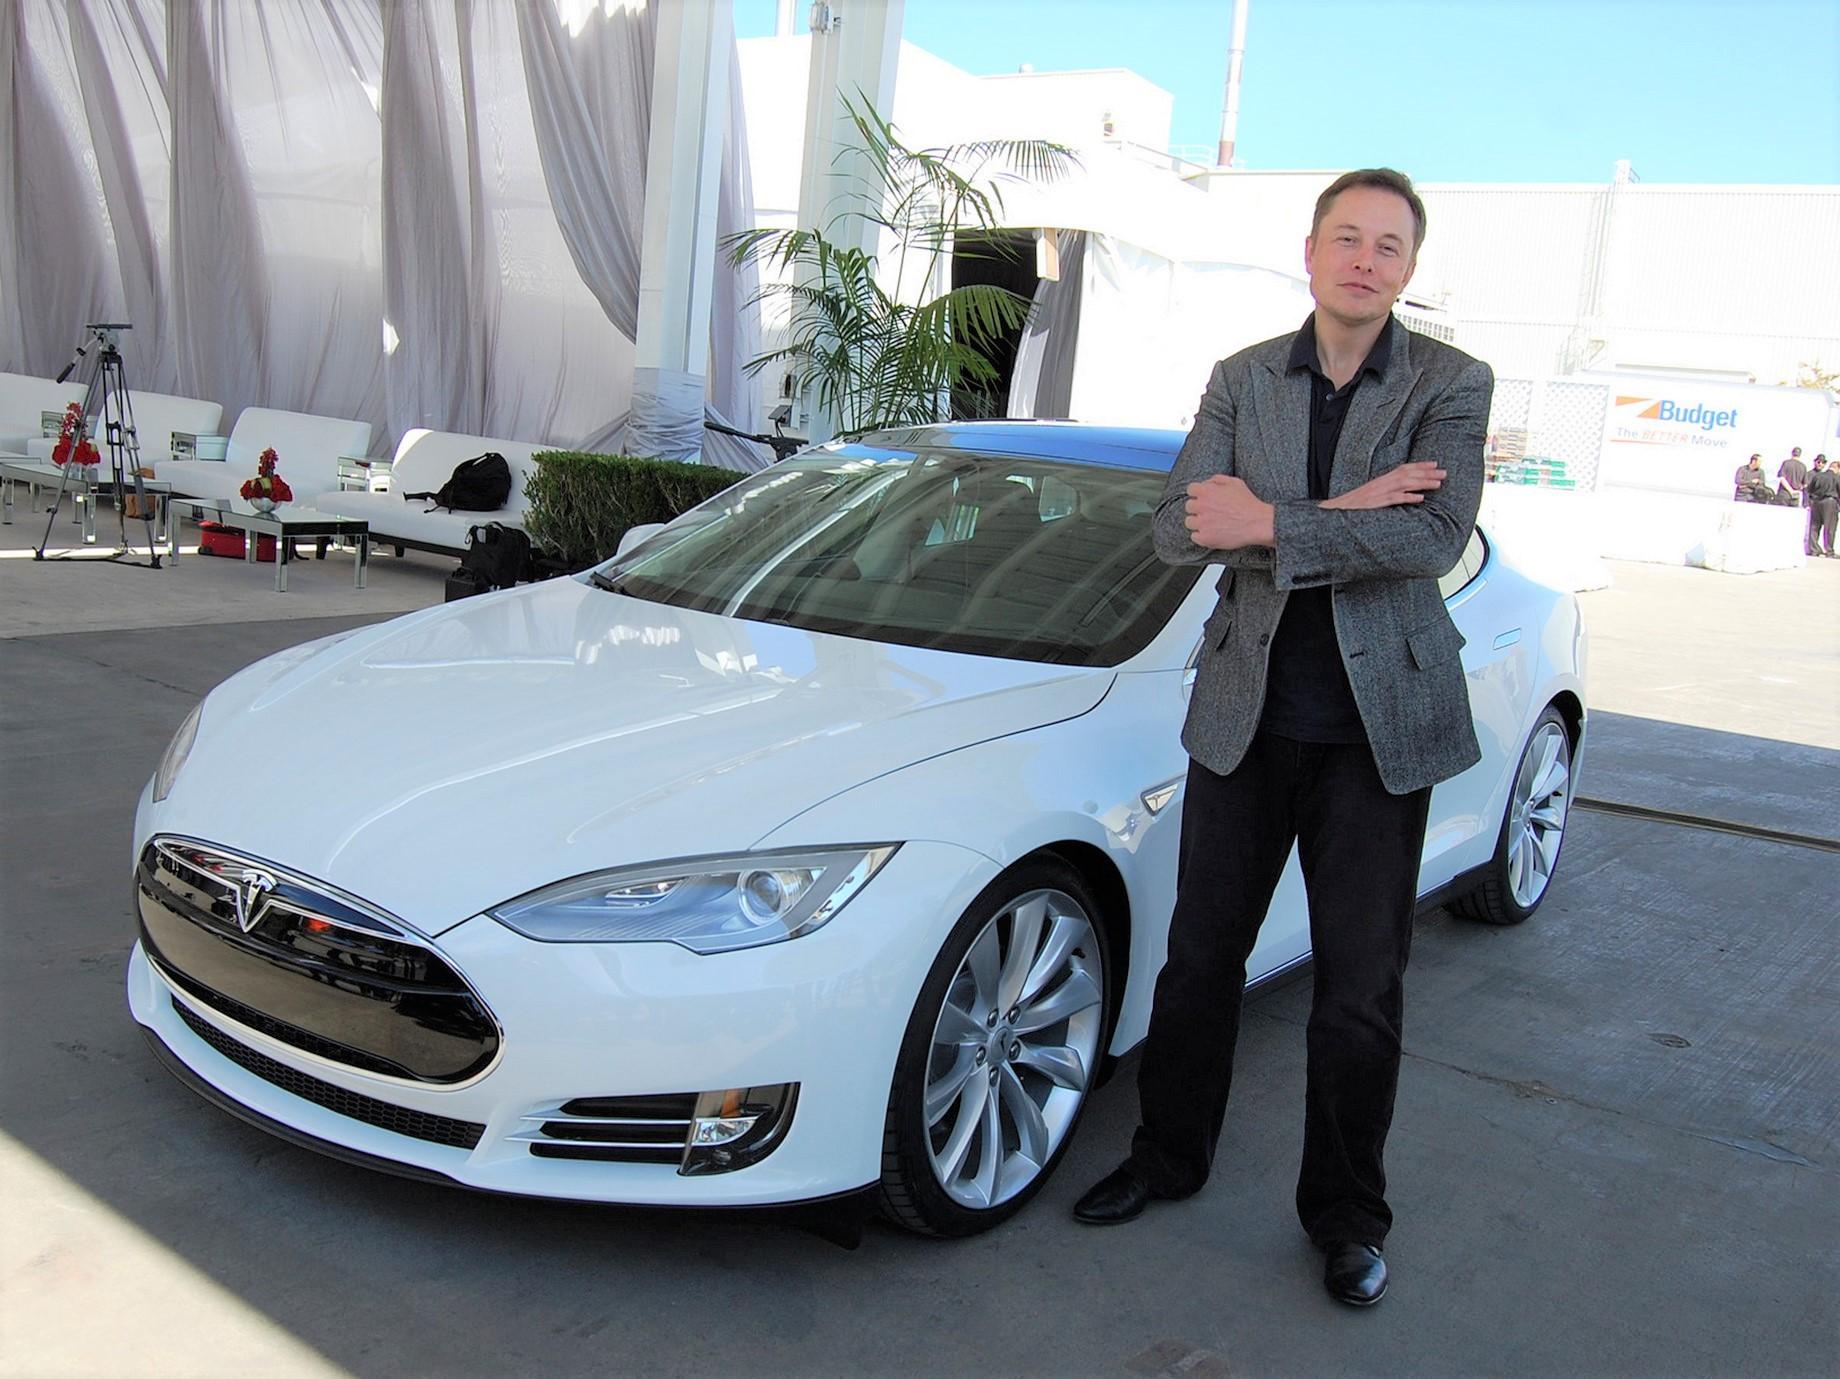 特斯拉不再是家「汽車公司」,未來有哪些機會與挑戰?